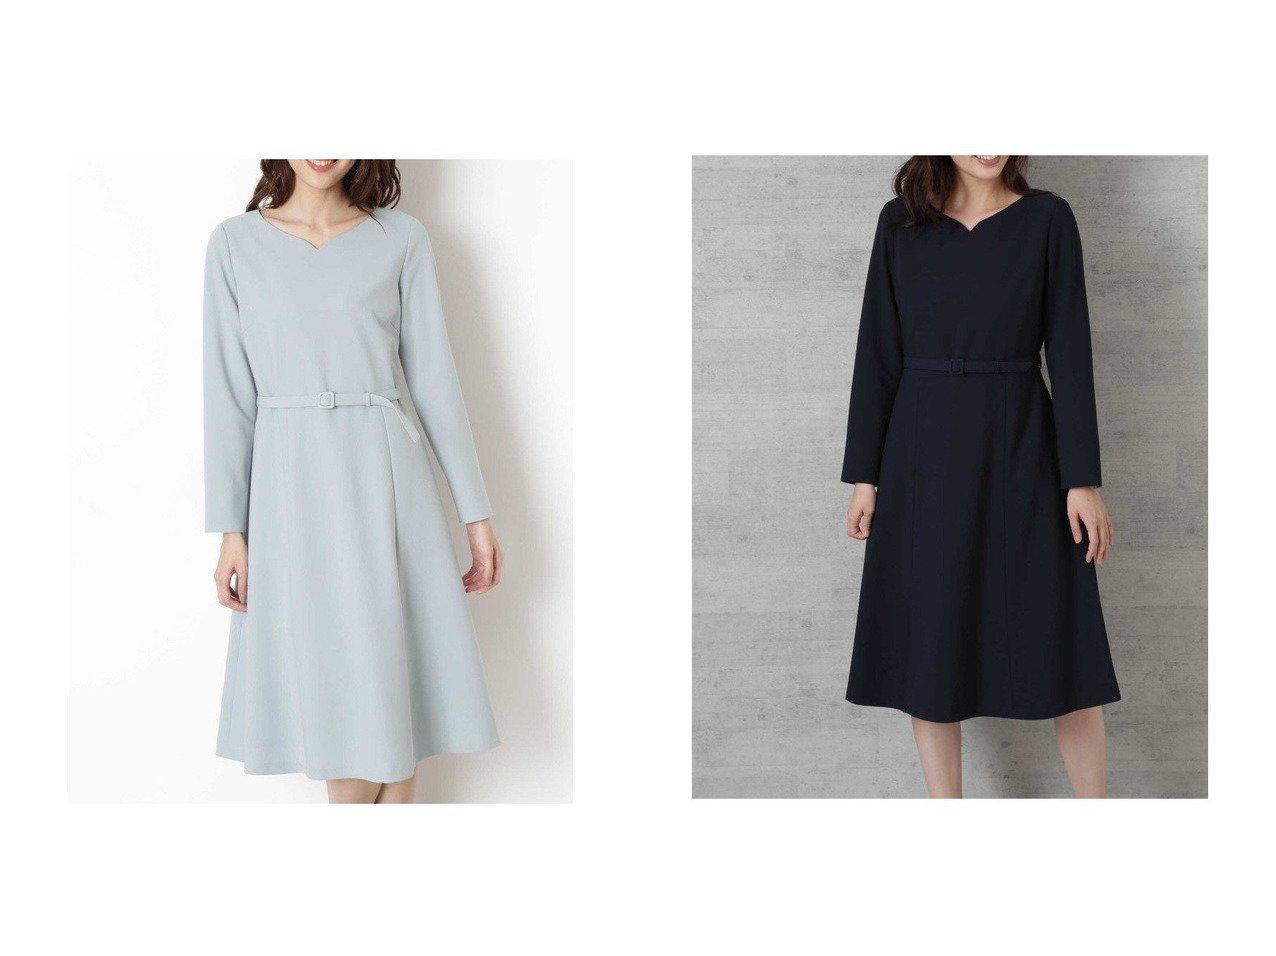 【NATURAL BEAUTY BASIC/ナチュラル ビューティー ベーシック】の[洗える]ハートネックフィットアンドフレアワンピース ワンピース・ドレスのおすすめ!人気、レディースファッションの通販 おすすめで人気のファッション通販商品 インテリア・家具・キッズファッション・メンズファッション・レディースファッション・服の通販 founy(ファニー) https://founy.com/ ファッション Fashion レディース WOMEN ワンピース Dress アクセサリー コンパクト フィット フレア  ID:crp329100000002970